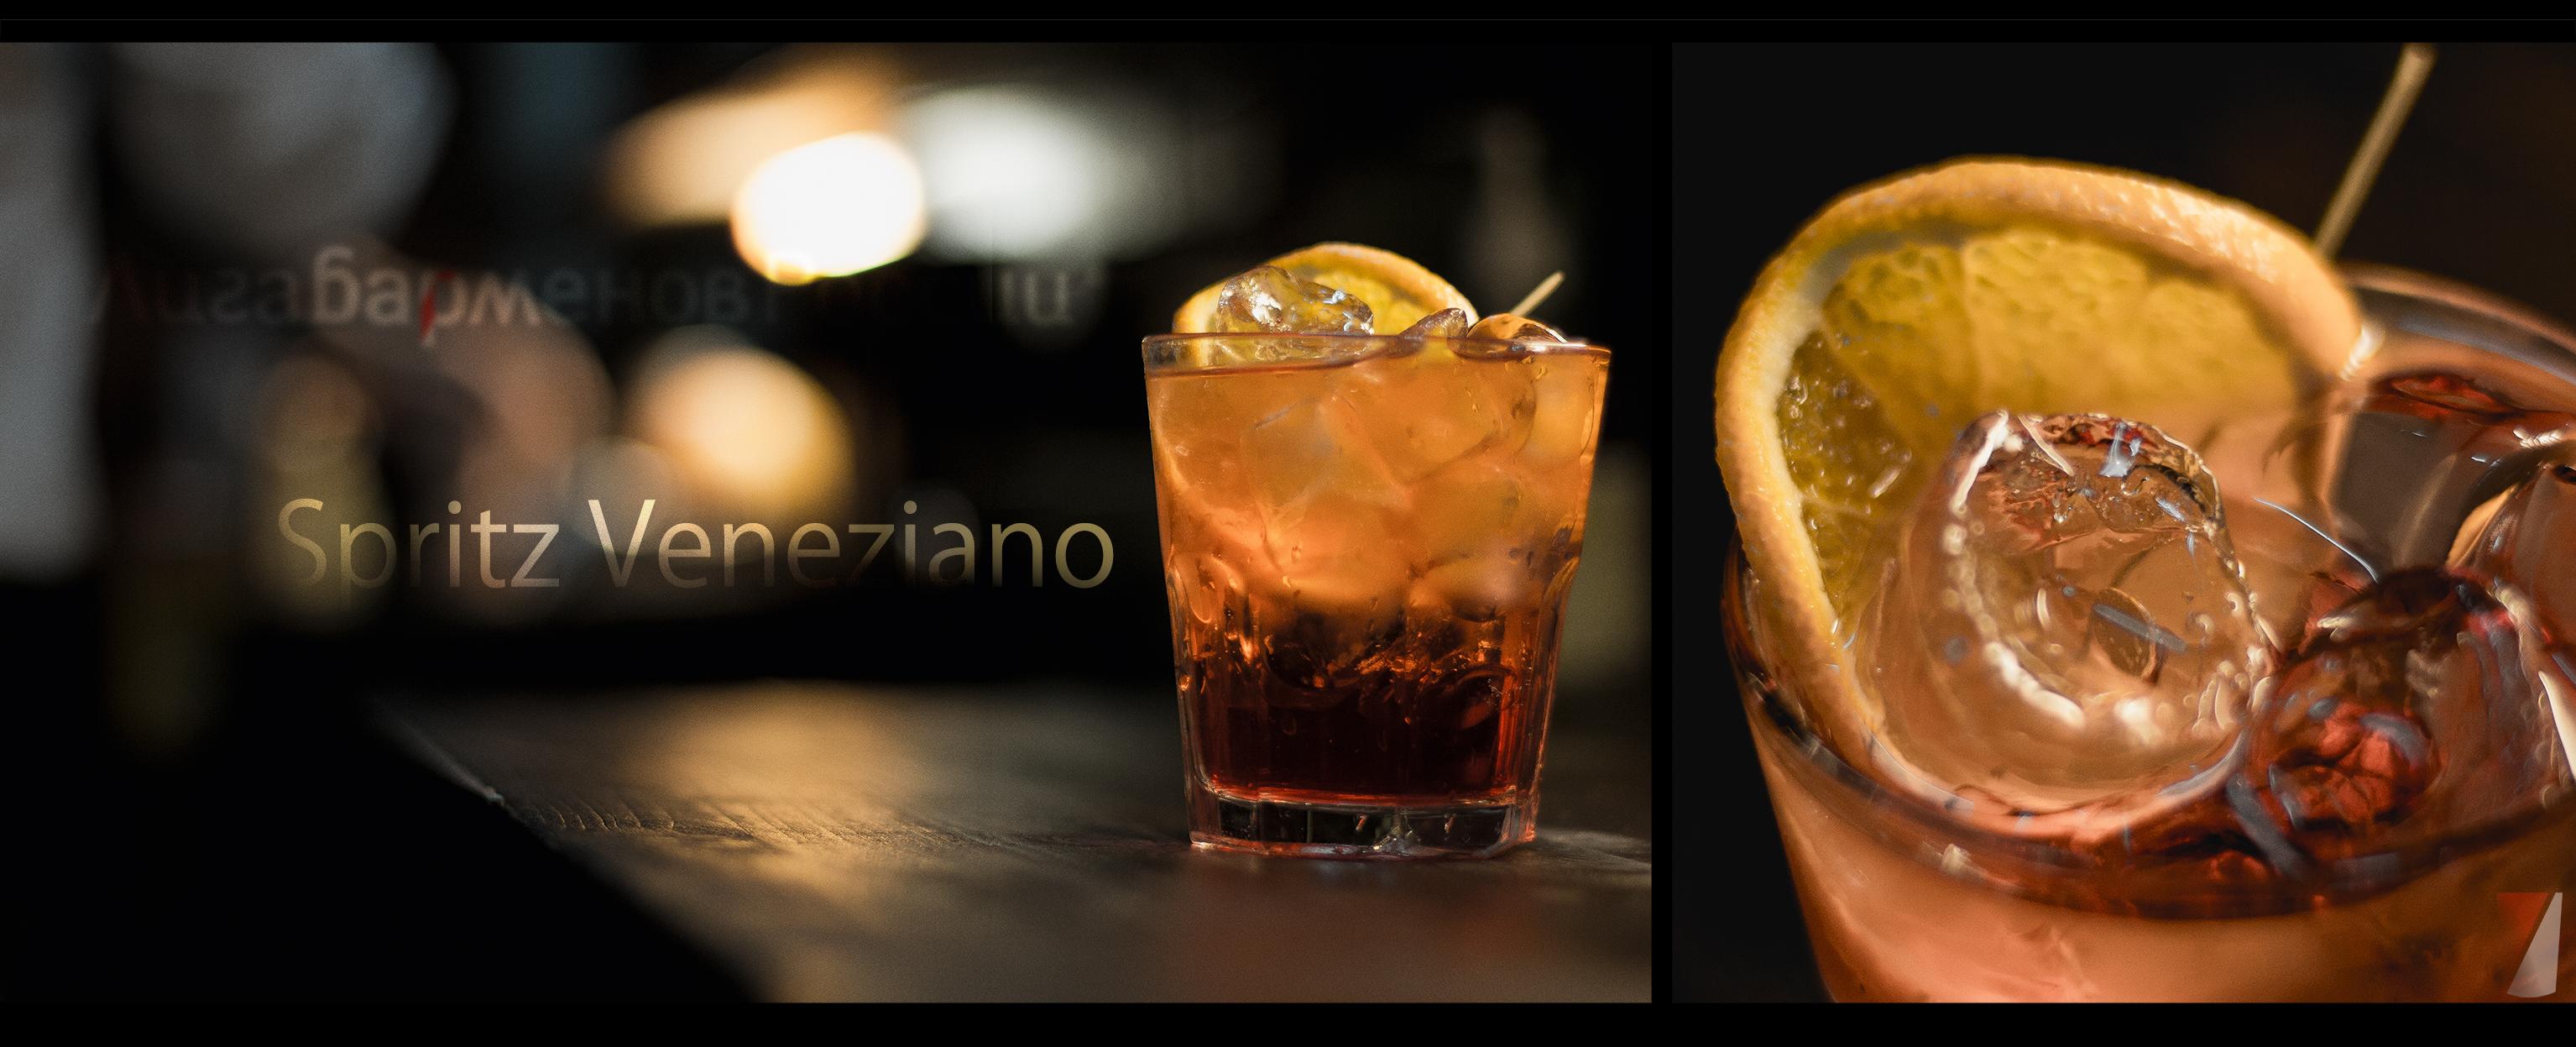 Рецепт коктейля Spritz-Veneziano